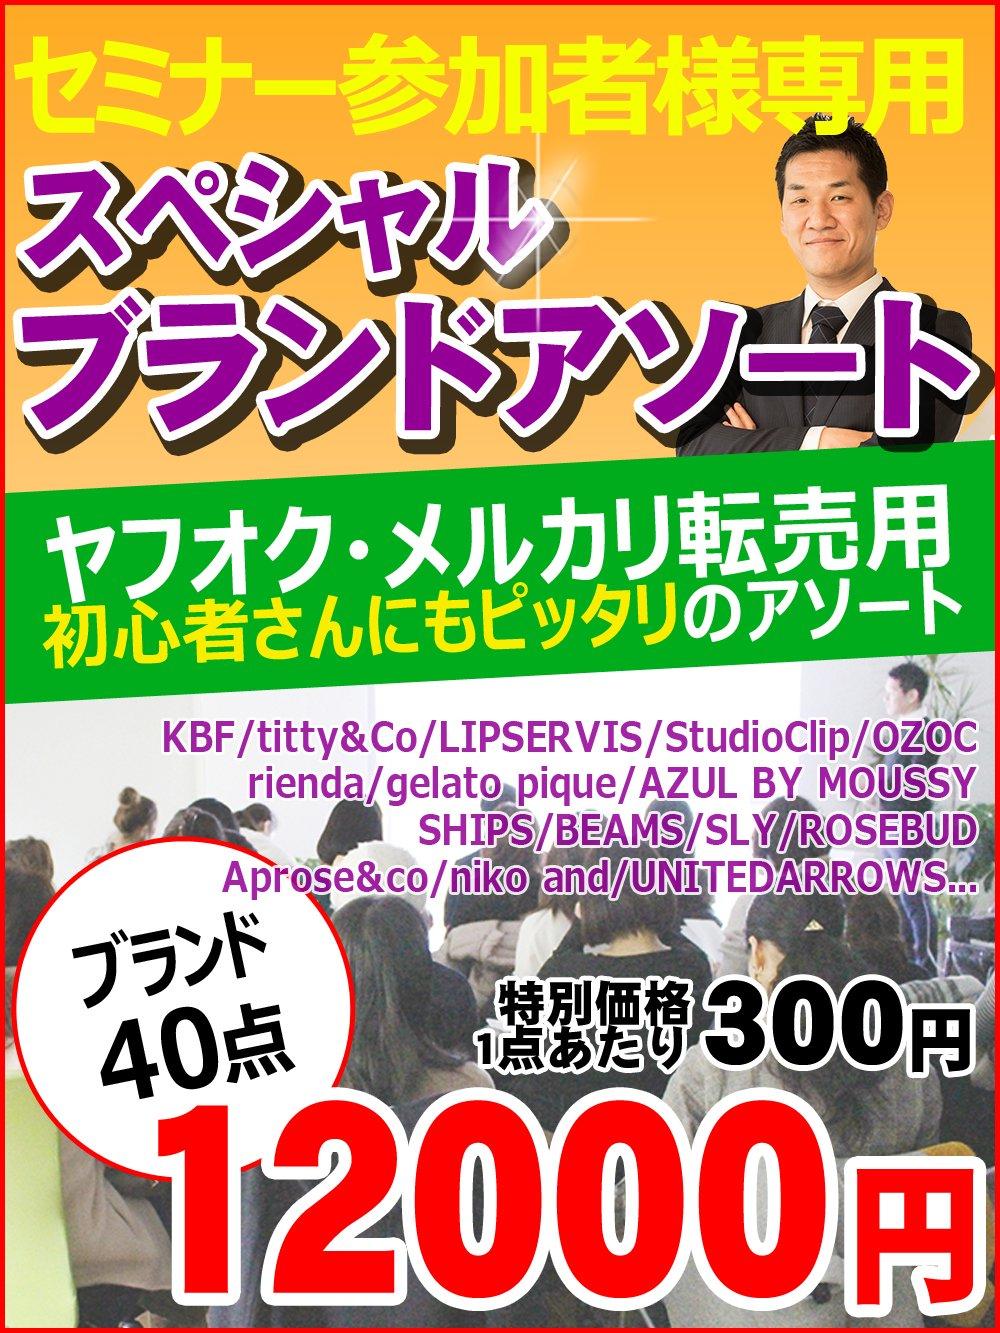 【セミナー参加者様限定】スペシャルアソート【40点】@300